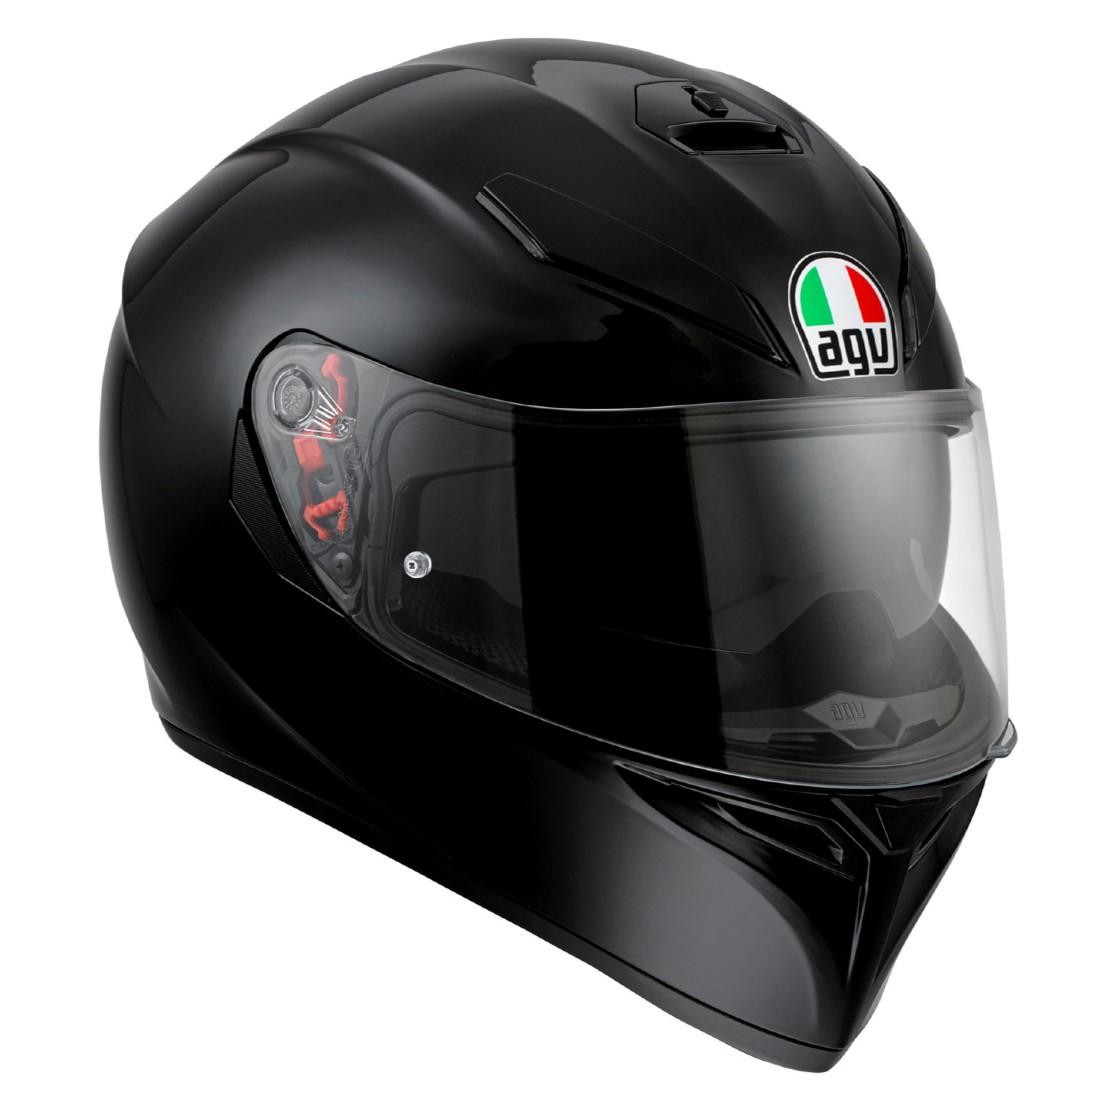 AGV(エージーブイ)フルフェイスヘルメットK-3 SV BLACK